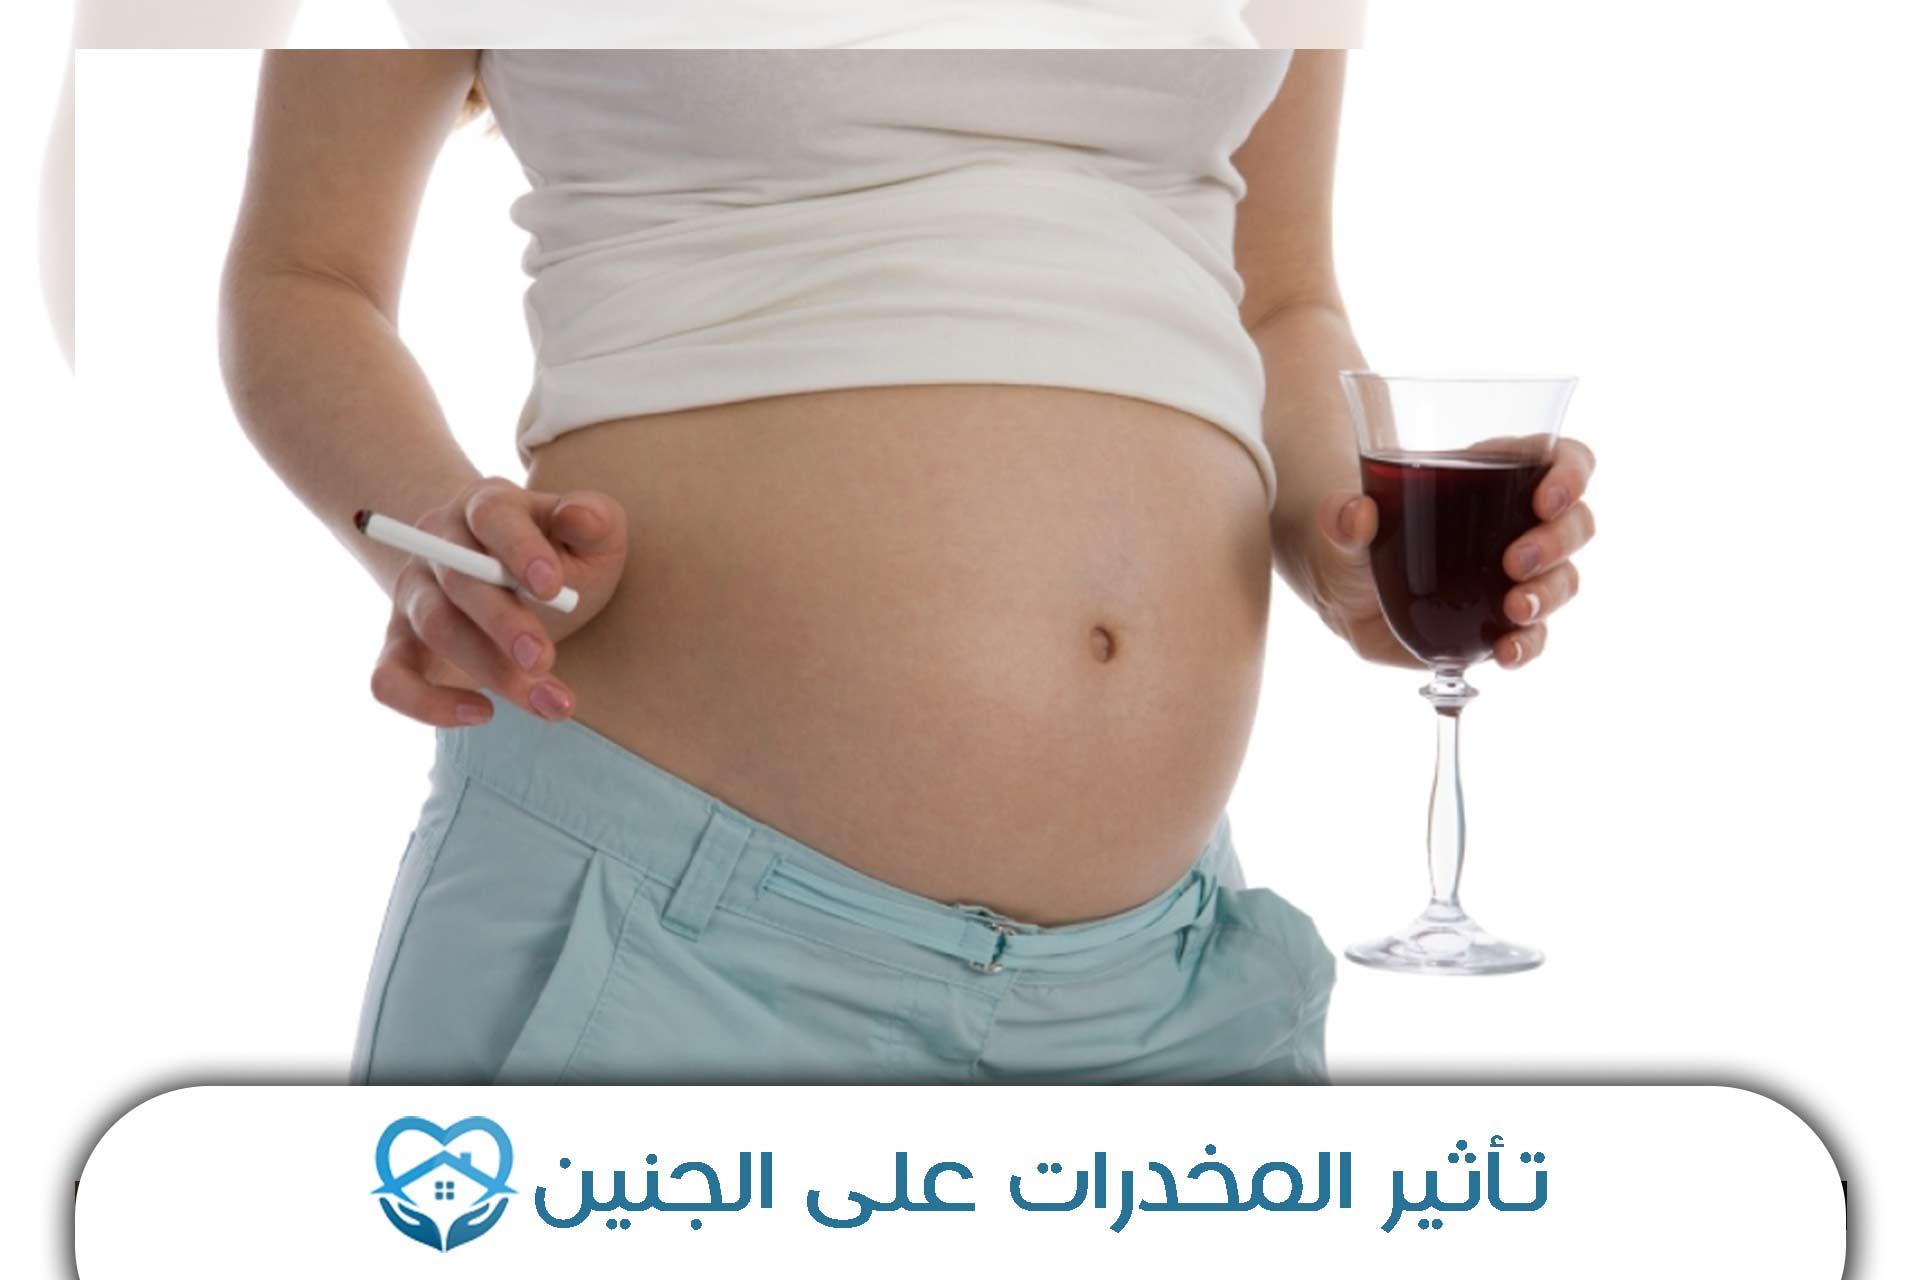 تأثير المخدرات على الجنين